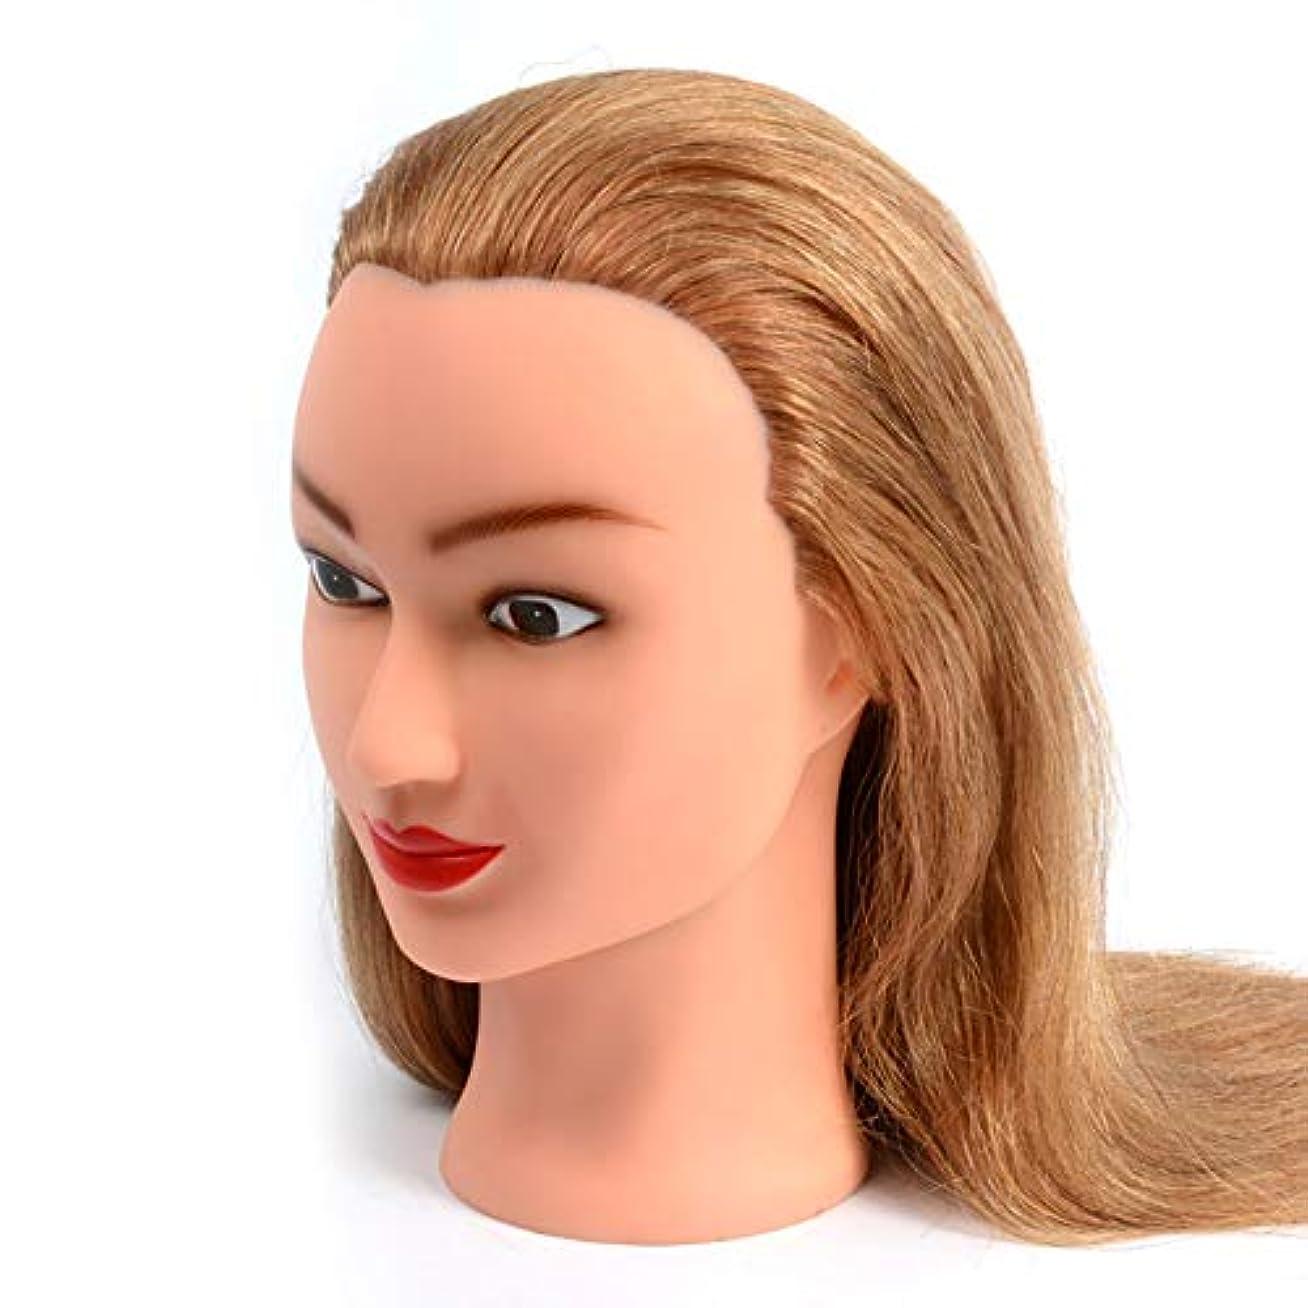 必要性投獄おびえたブライダルメイクスタイリング練習モデル美容院散髪学習ダミーヘッドは染色することができますし、漂白ティーチングヘッド